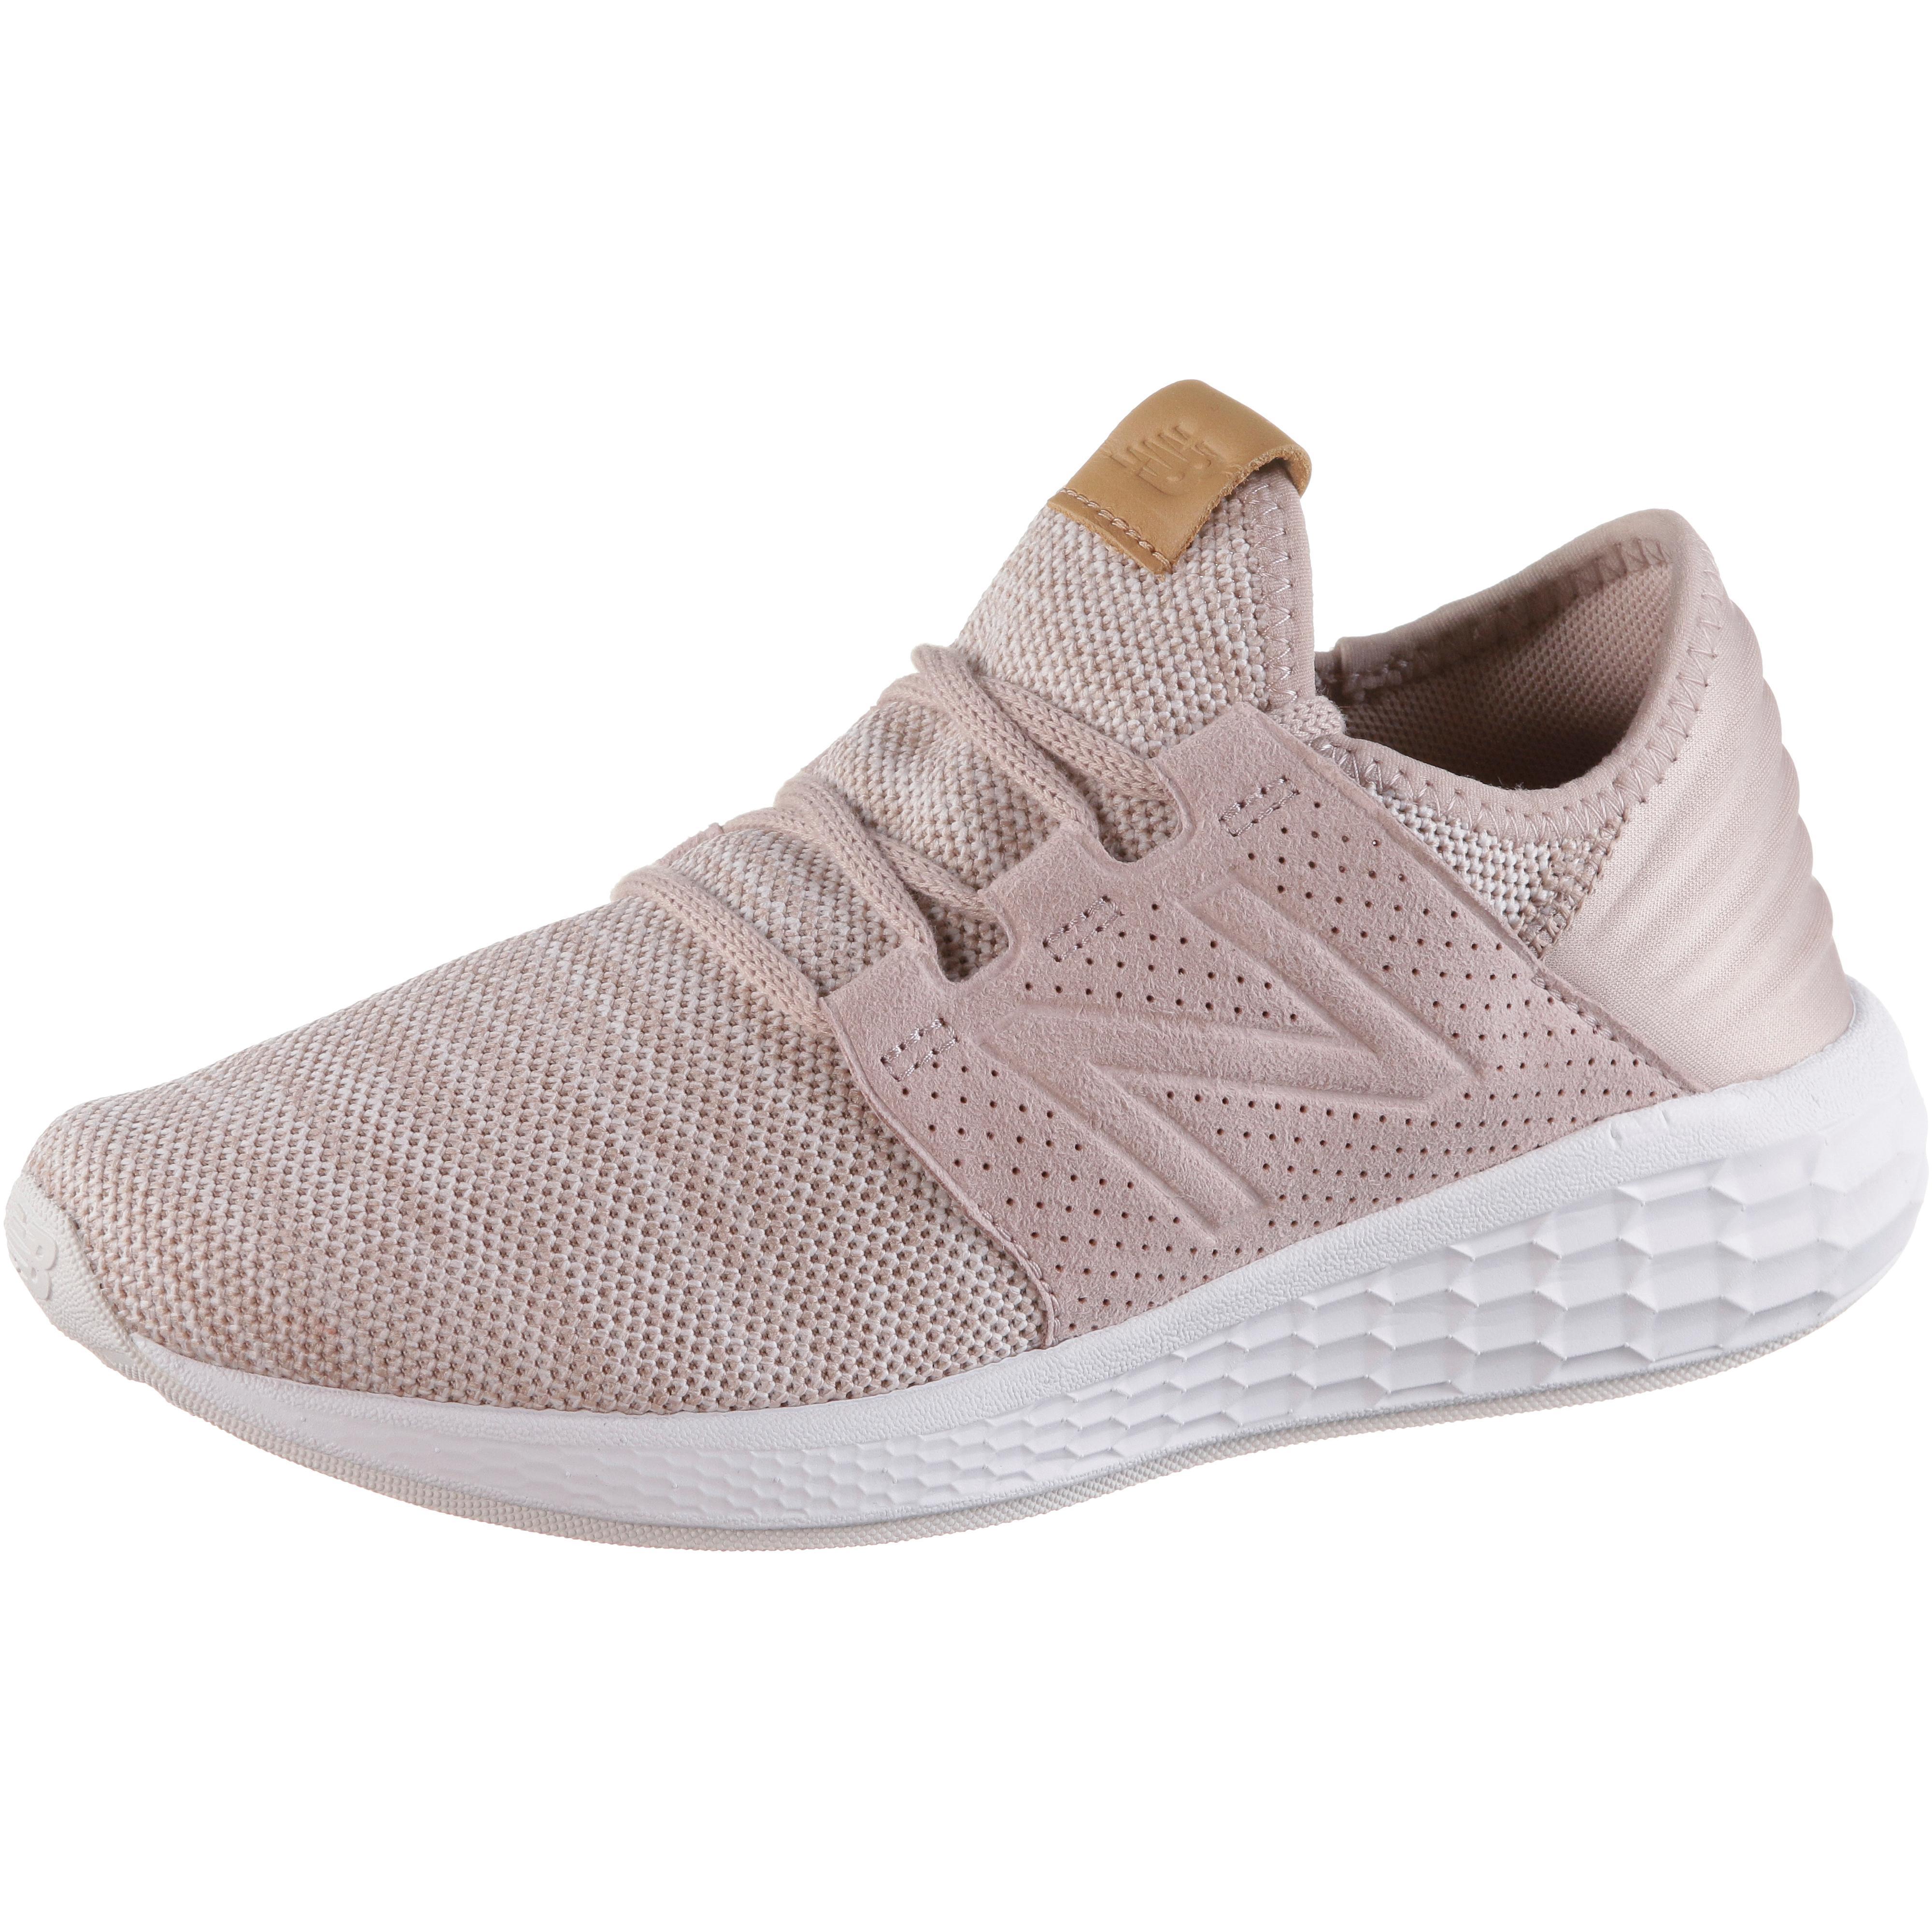 NEW BALANCE Cruz V2 Turnschuhe Damen charm im Online Shop von SportScheck kaufen Gute Qualität beliebte Schuhe